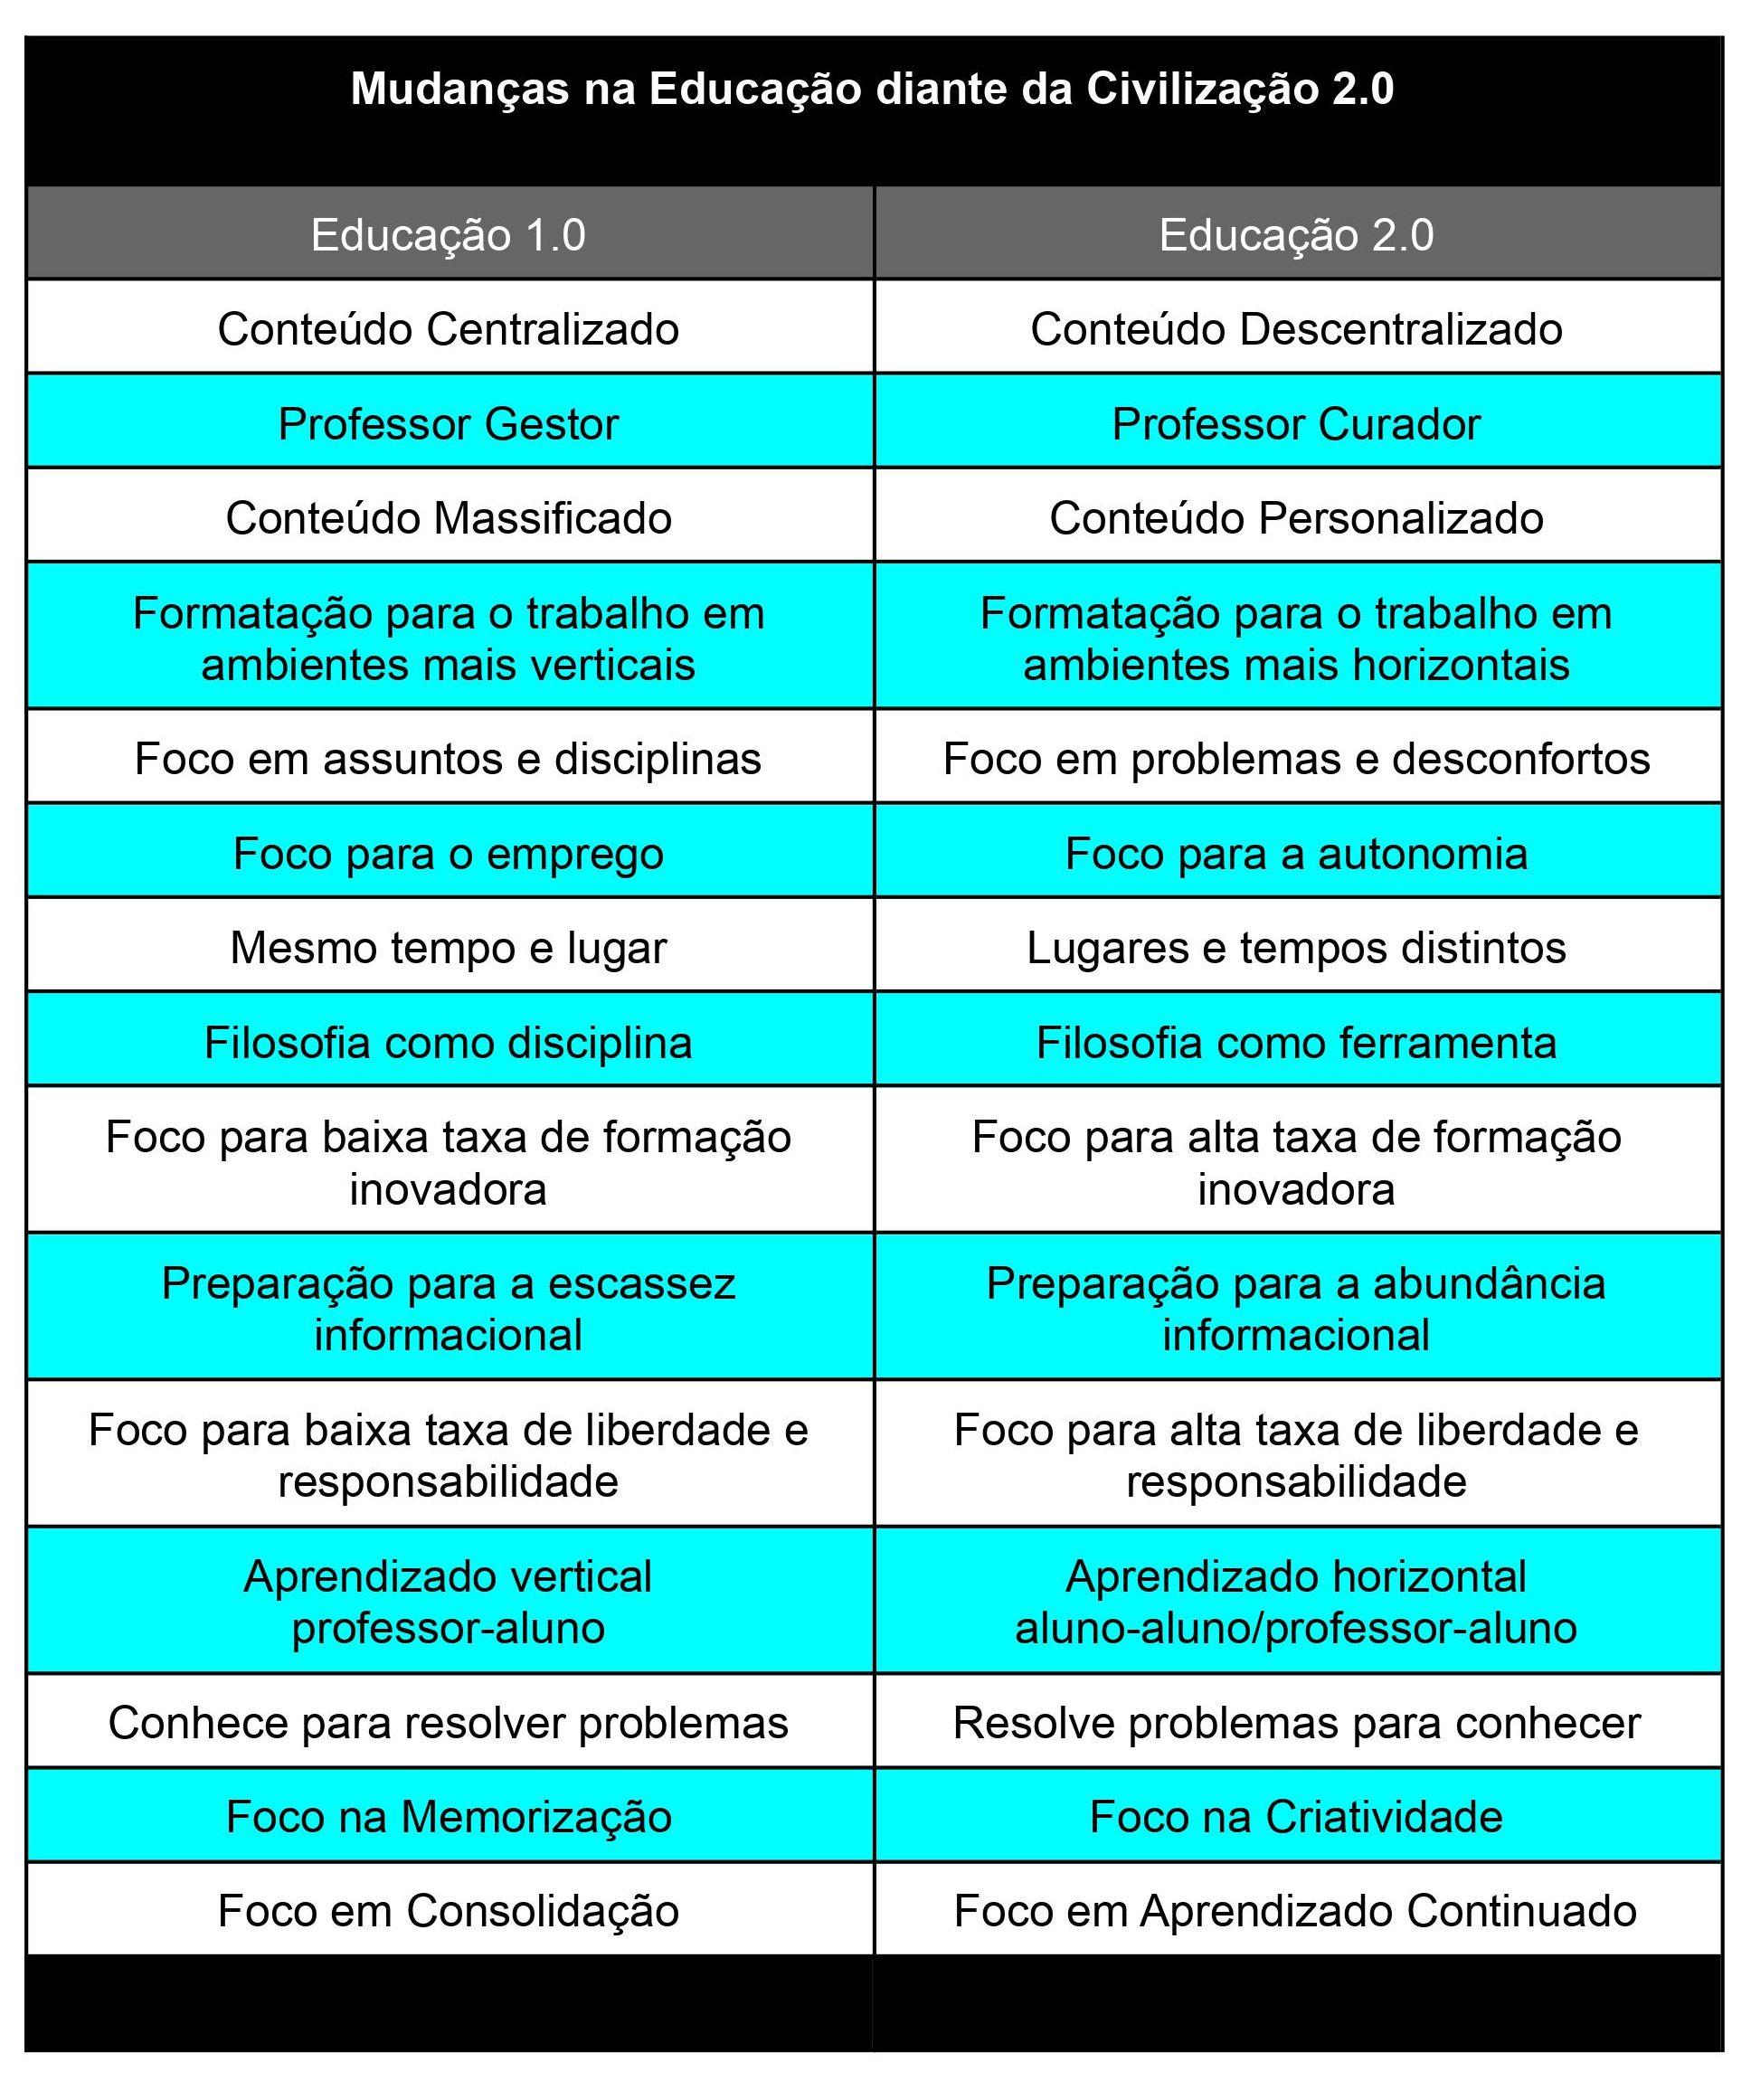 Tabela das mudanças no ambiente educacional